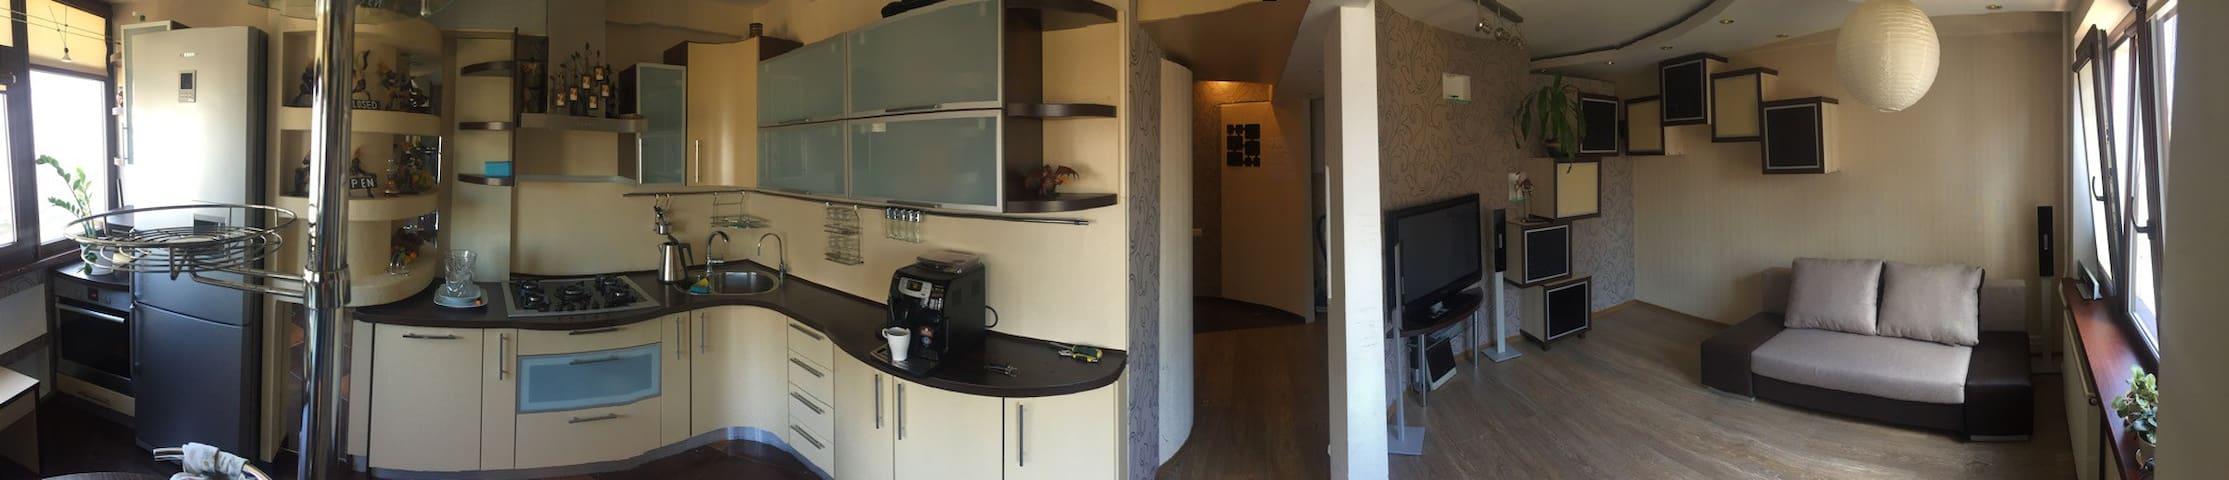 Очень милая и уютная квартира - Минск - Pis